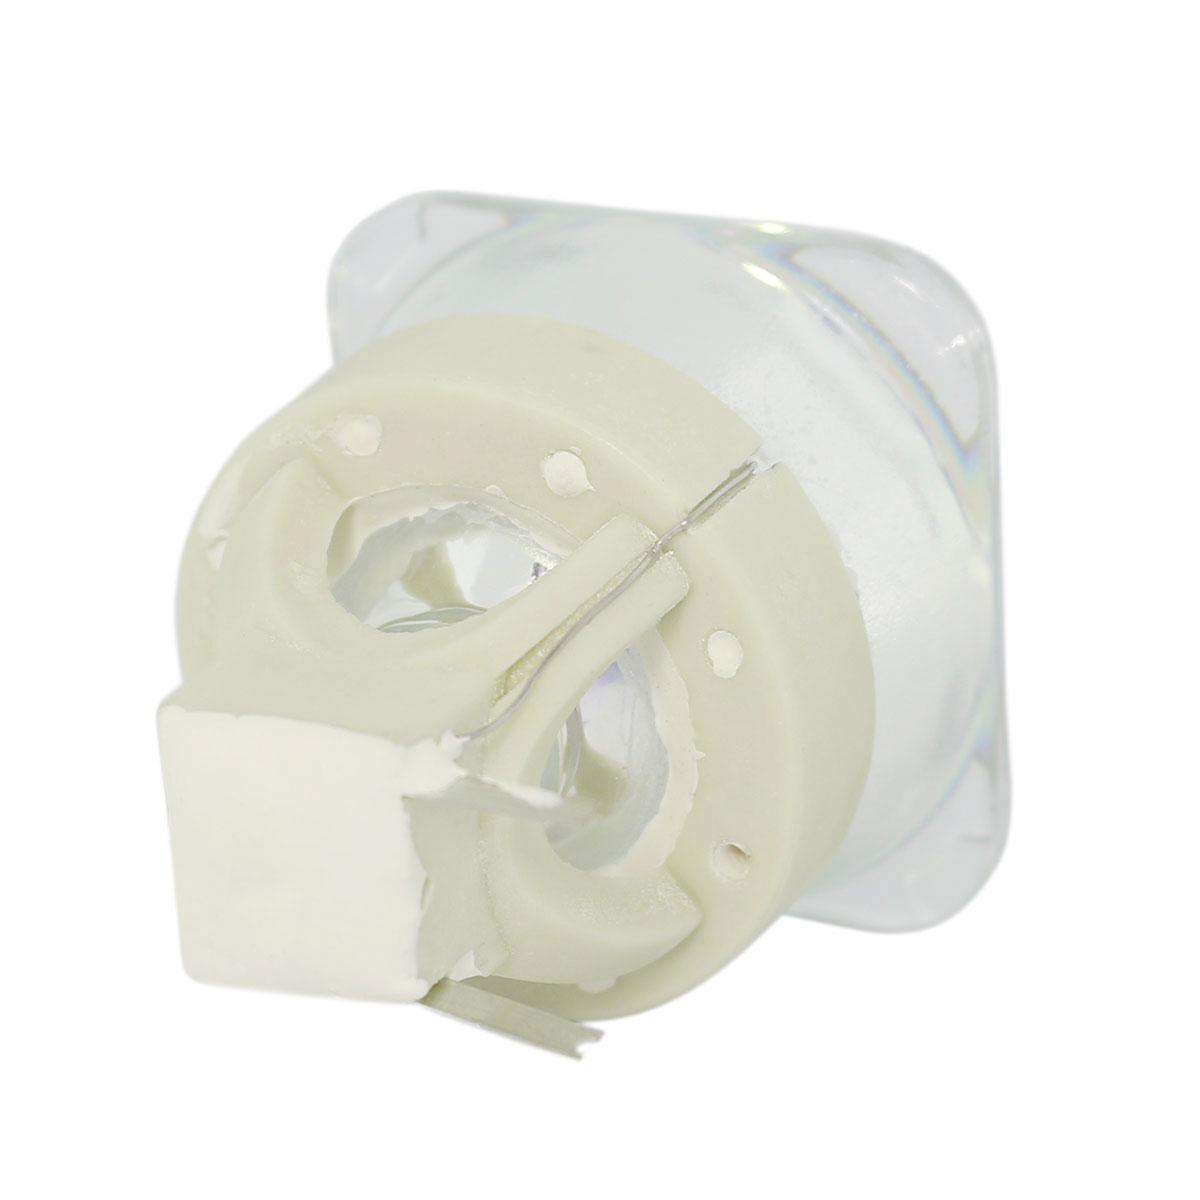 Lutema Platinum lampe pour Optoma BL-FU310A Projecteur (ampoule Philips originale) - image 2 de 5